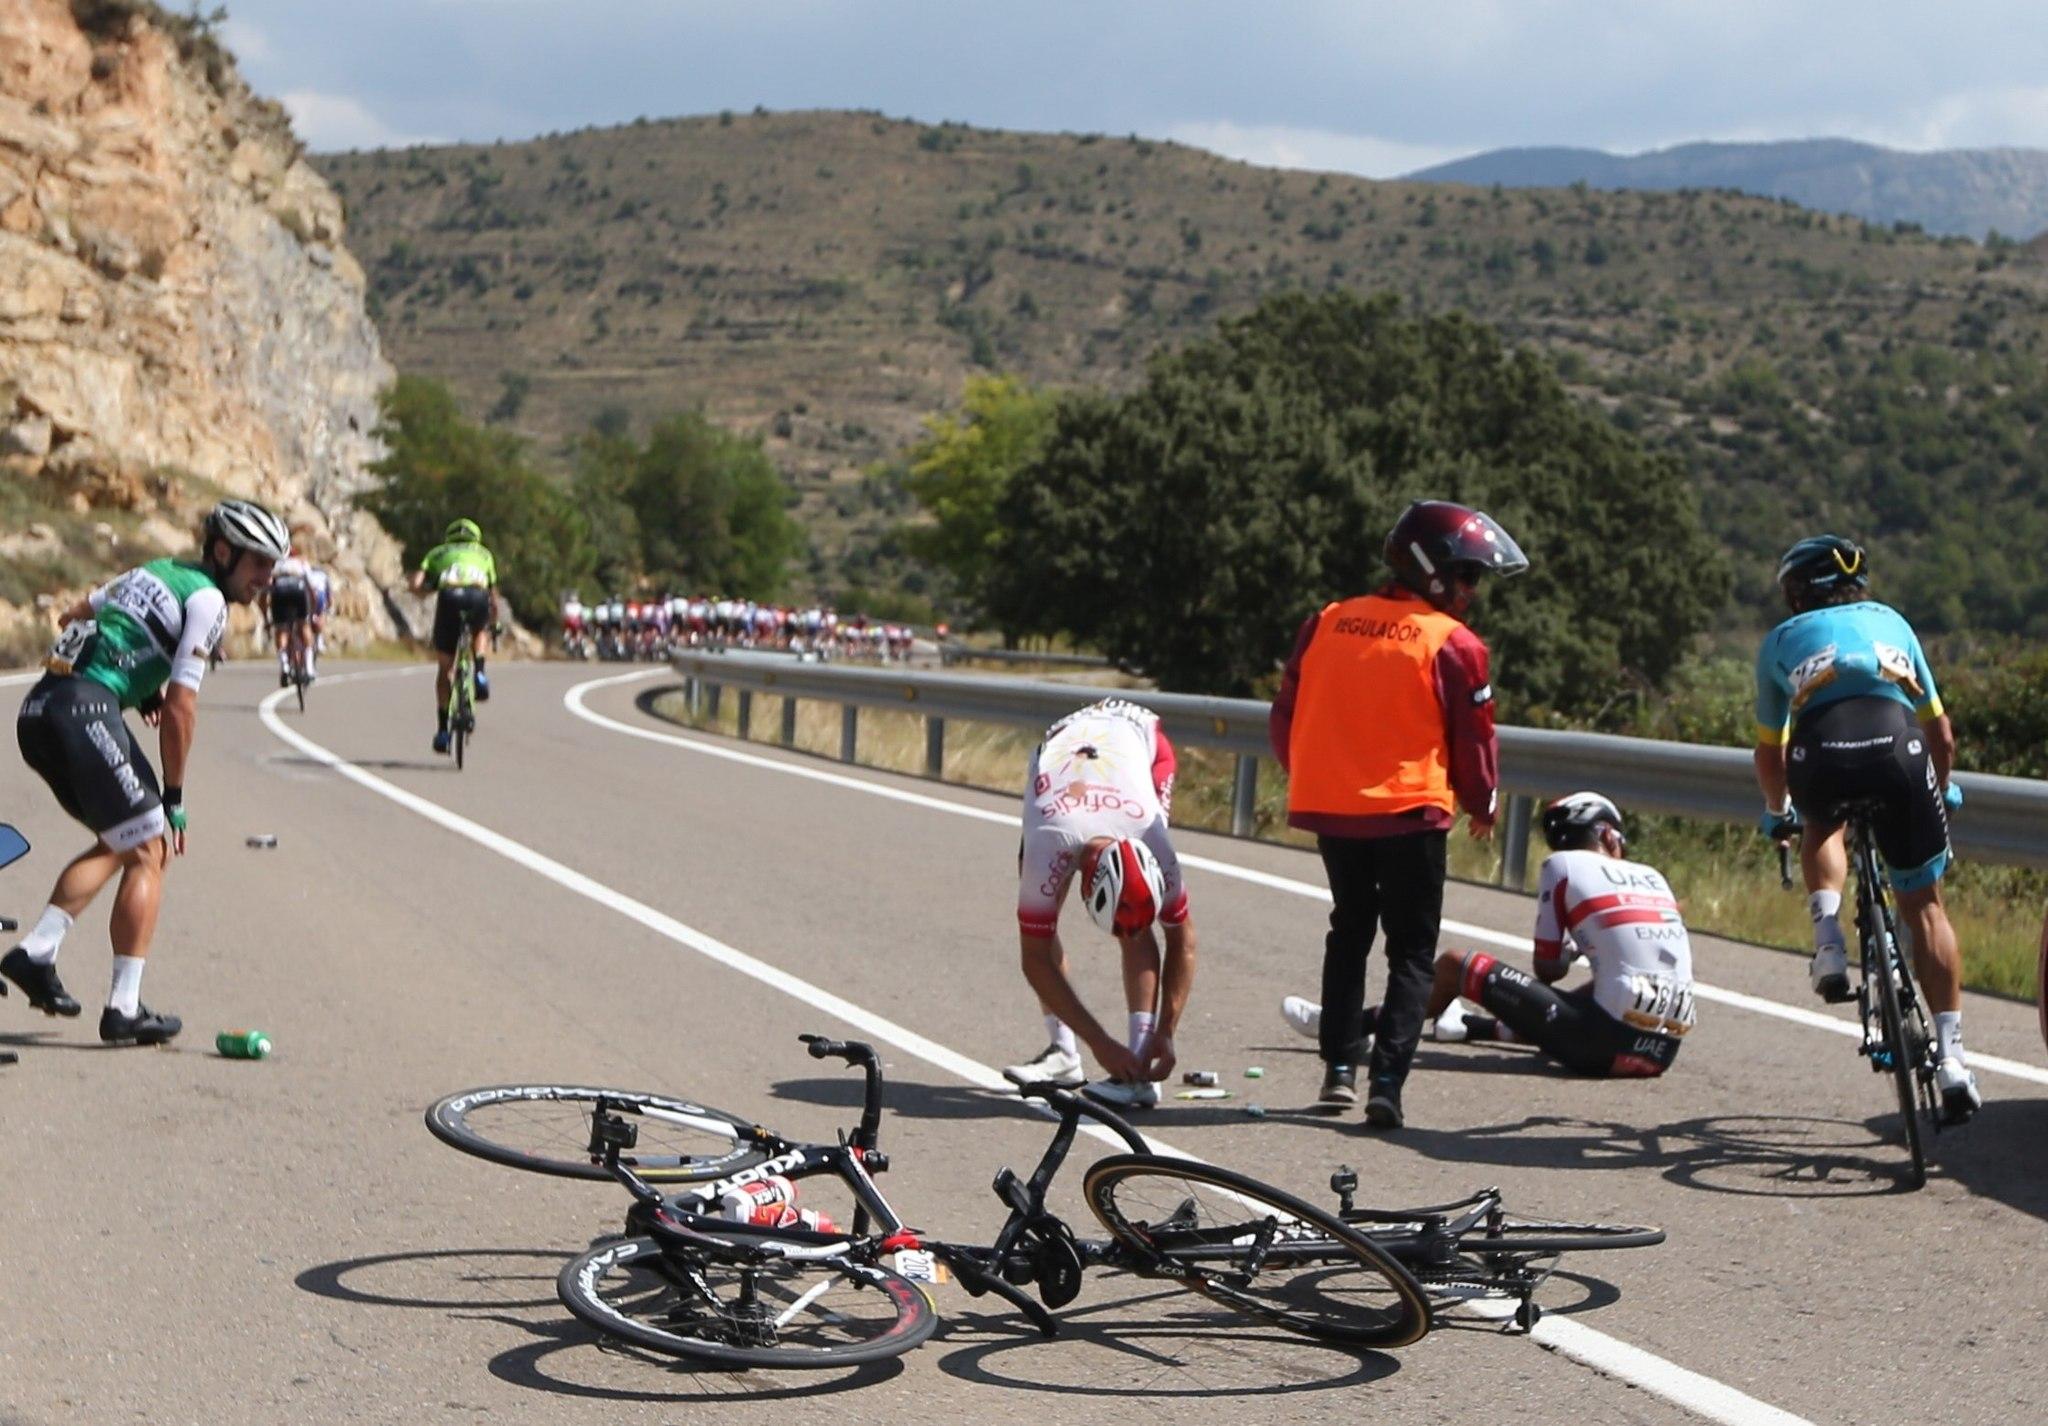 GRAF2664 MORA DE RUBIELOS (Teruel), 29/8/2019.-Caida en el pelotón durante la sexta etapa de la <HIT>Vuelta</HIT> a España 2019, etapa con salida en la localidad turolense de Mora de Rubielos y meta en la castellonense de Ares del Maestrat, con un recorrido de 198,9 kilómetros.- EFE/Javier Lizón